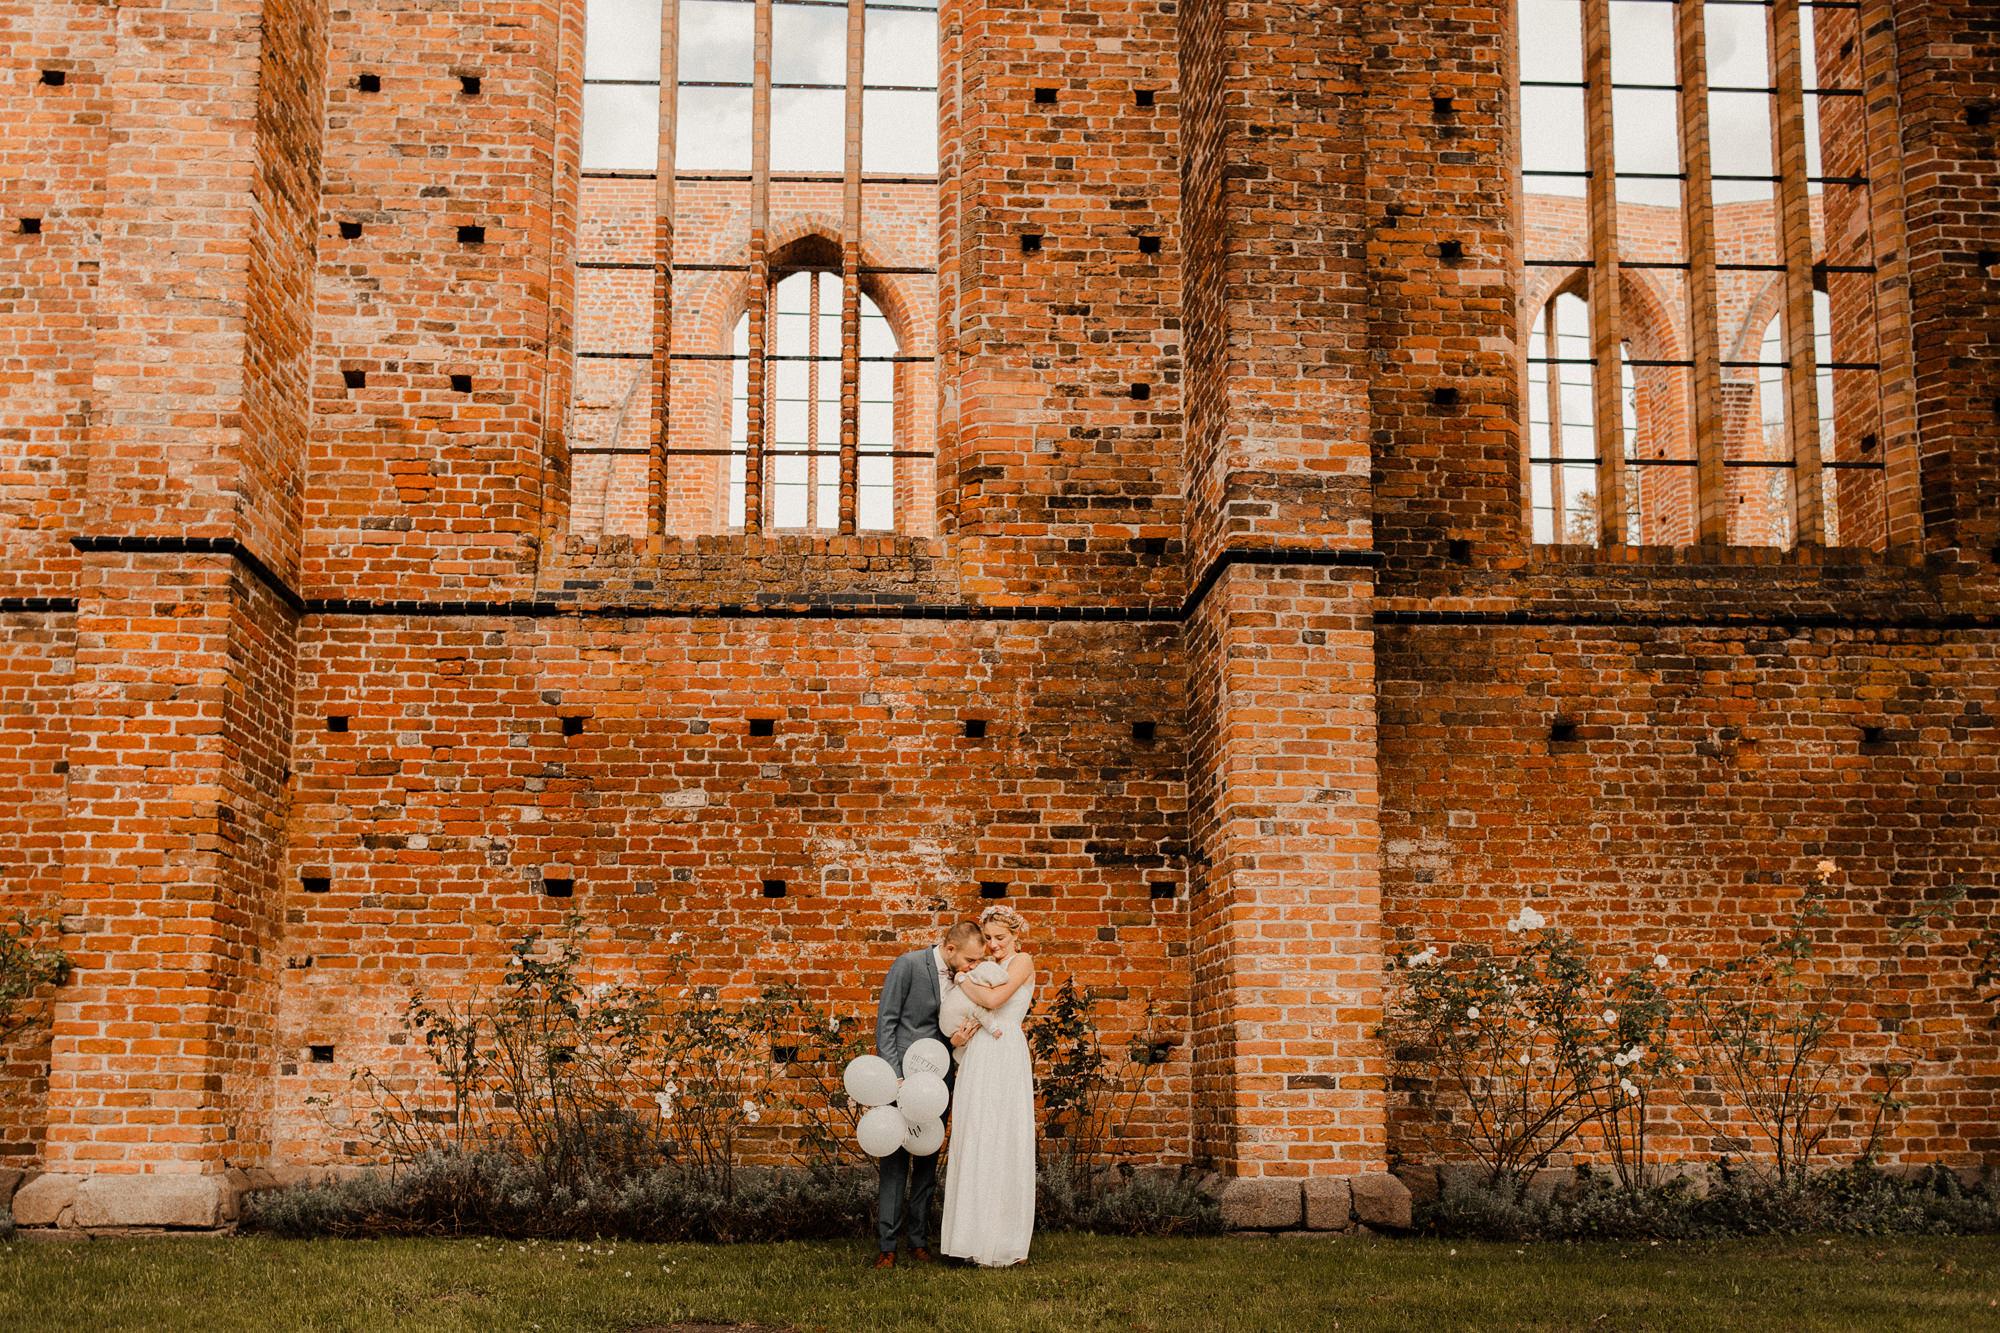 Hochzeitsfotos - Johanniskloster - Stralsund - Brautpaar - Hochzeitsfotos - Baby - Heiraten - Standesamt - Stralsund